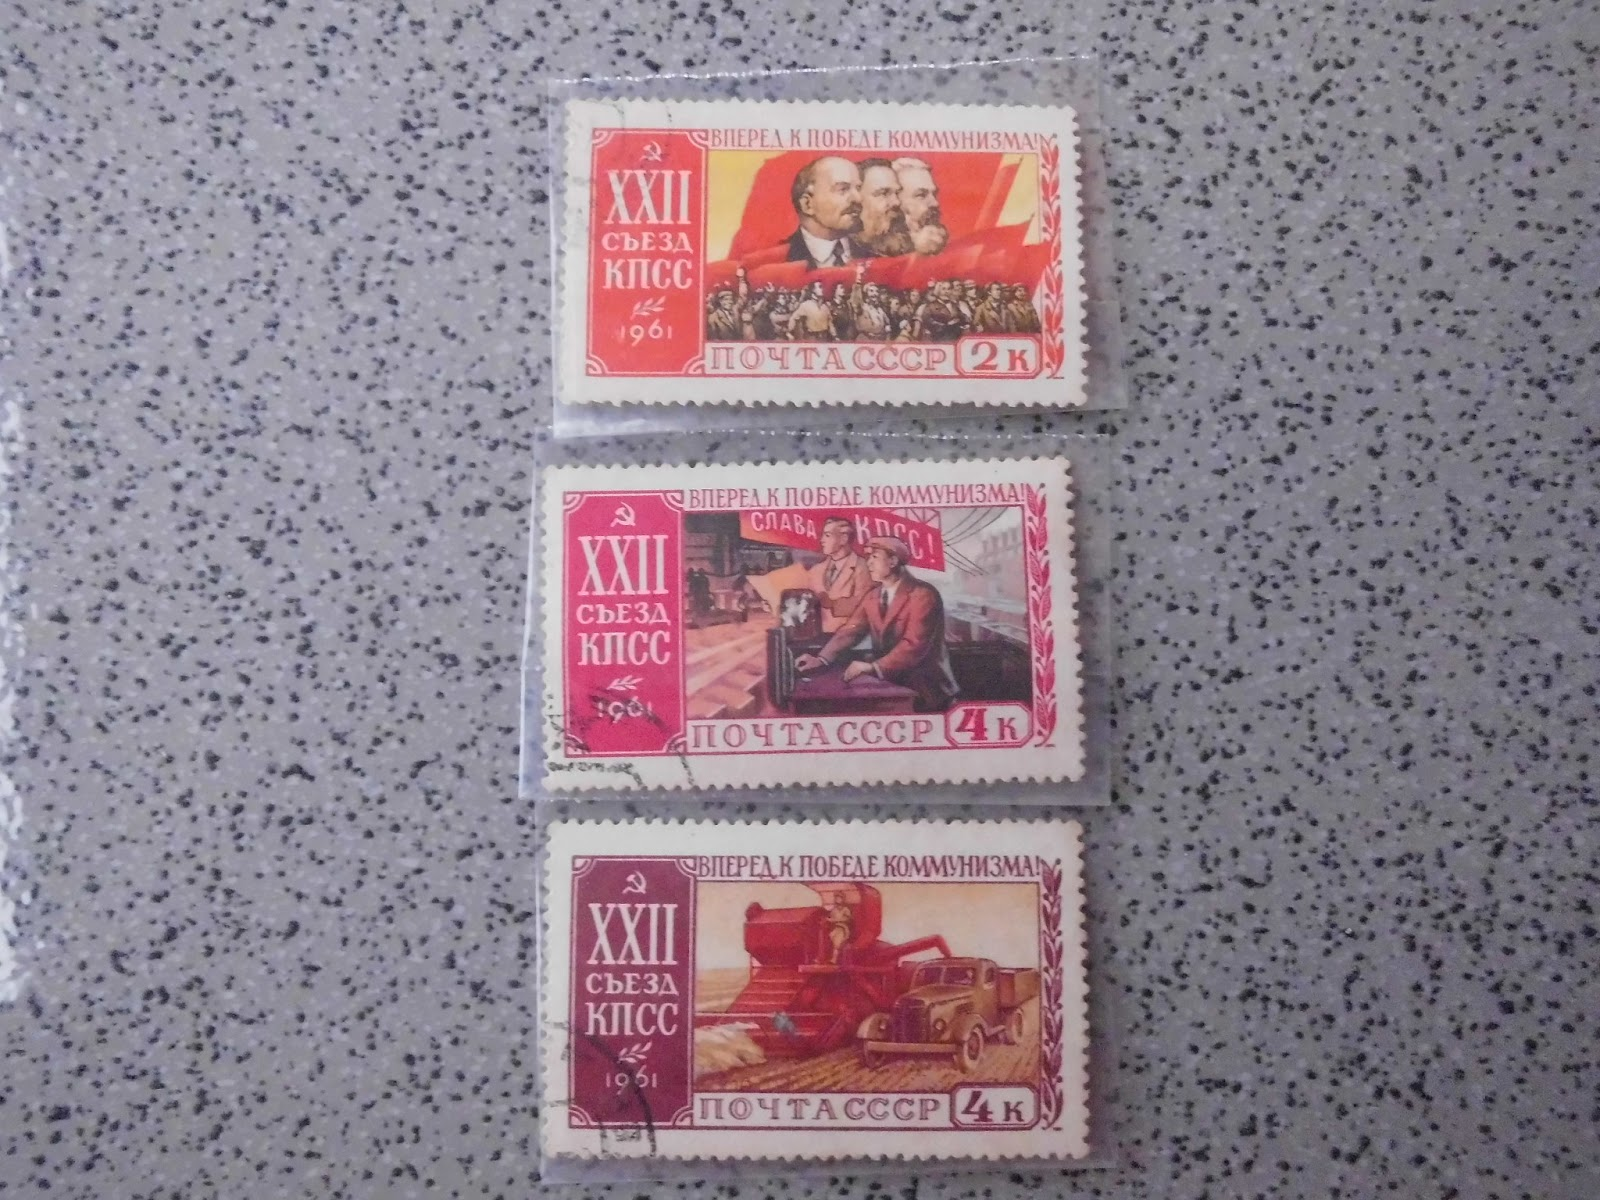 perangko ini terdiri dr 3 lembar perangko 1 seri termasuk perangko yg antik  sedangkan kondisinya sendiri sangat terawat..............monggo yg berminat  hub. a9688874fd